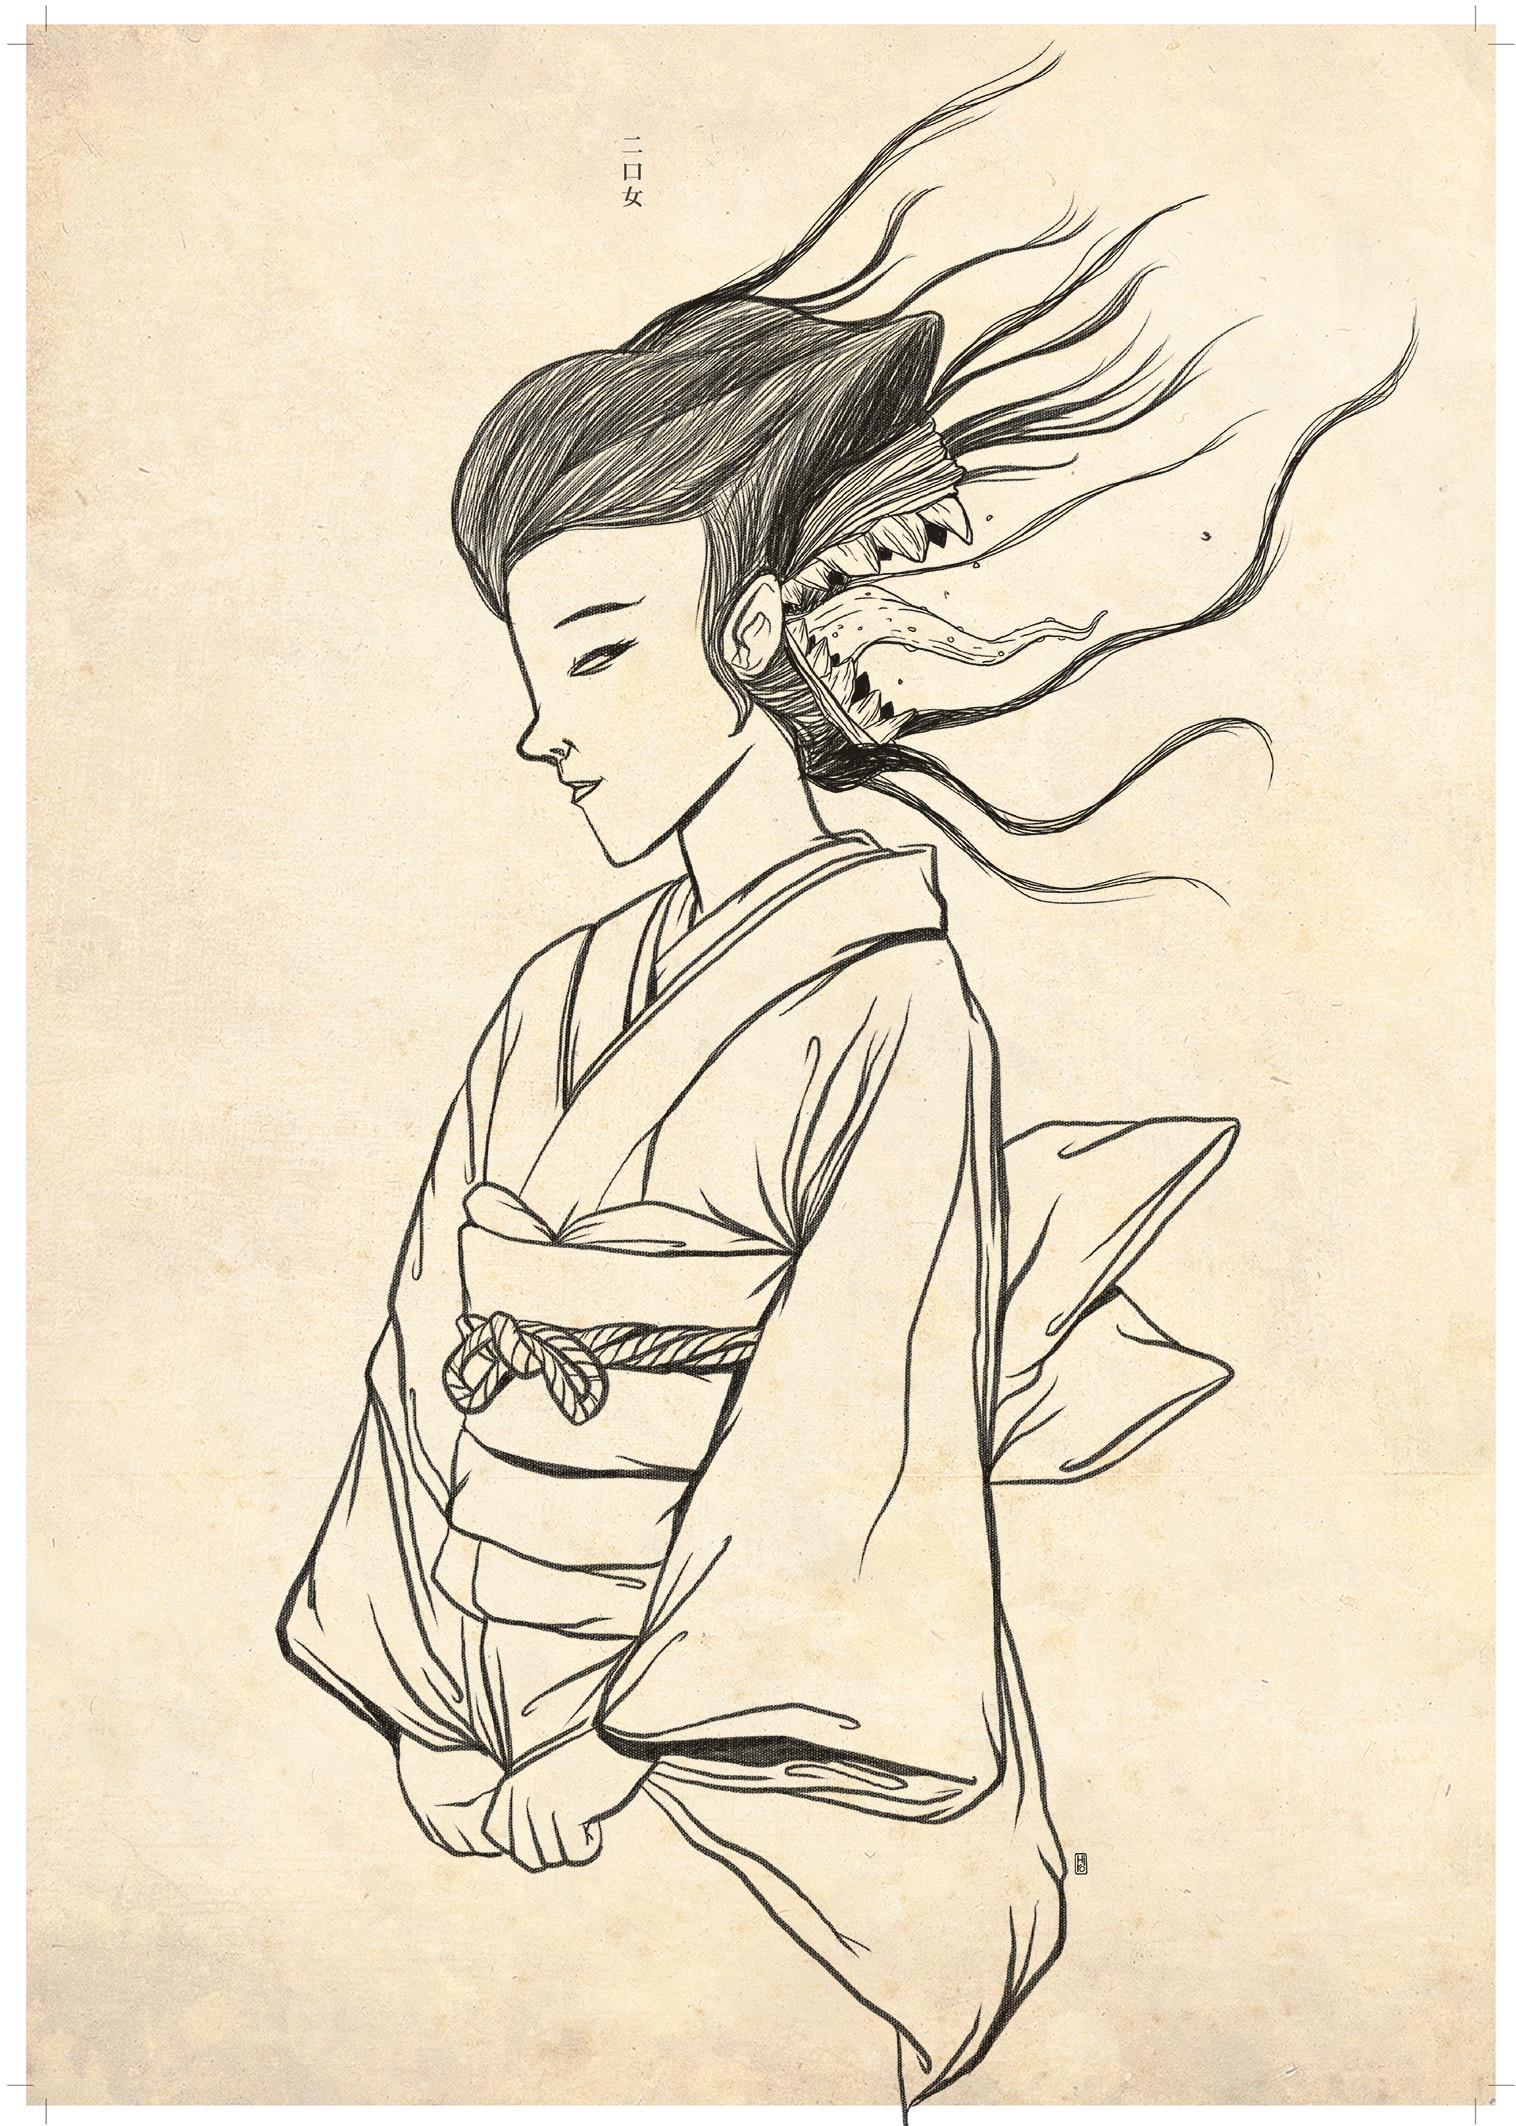 Hiro kawahara futakushionna